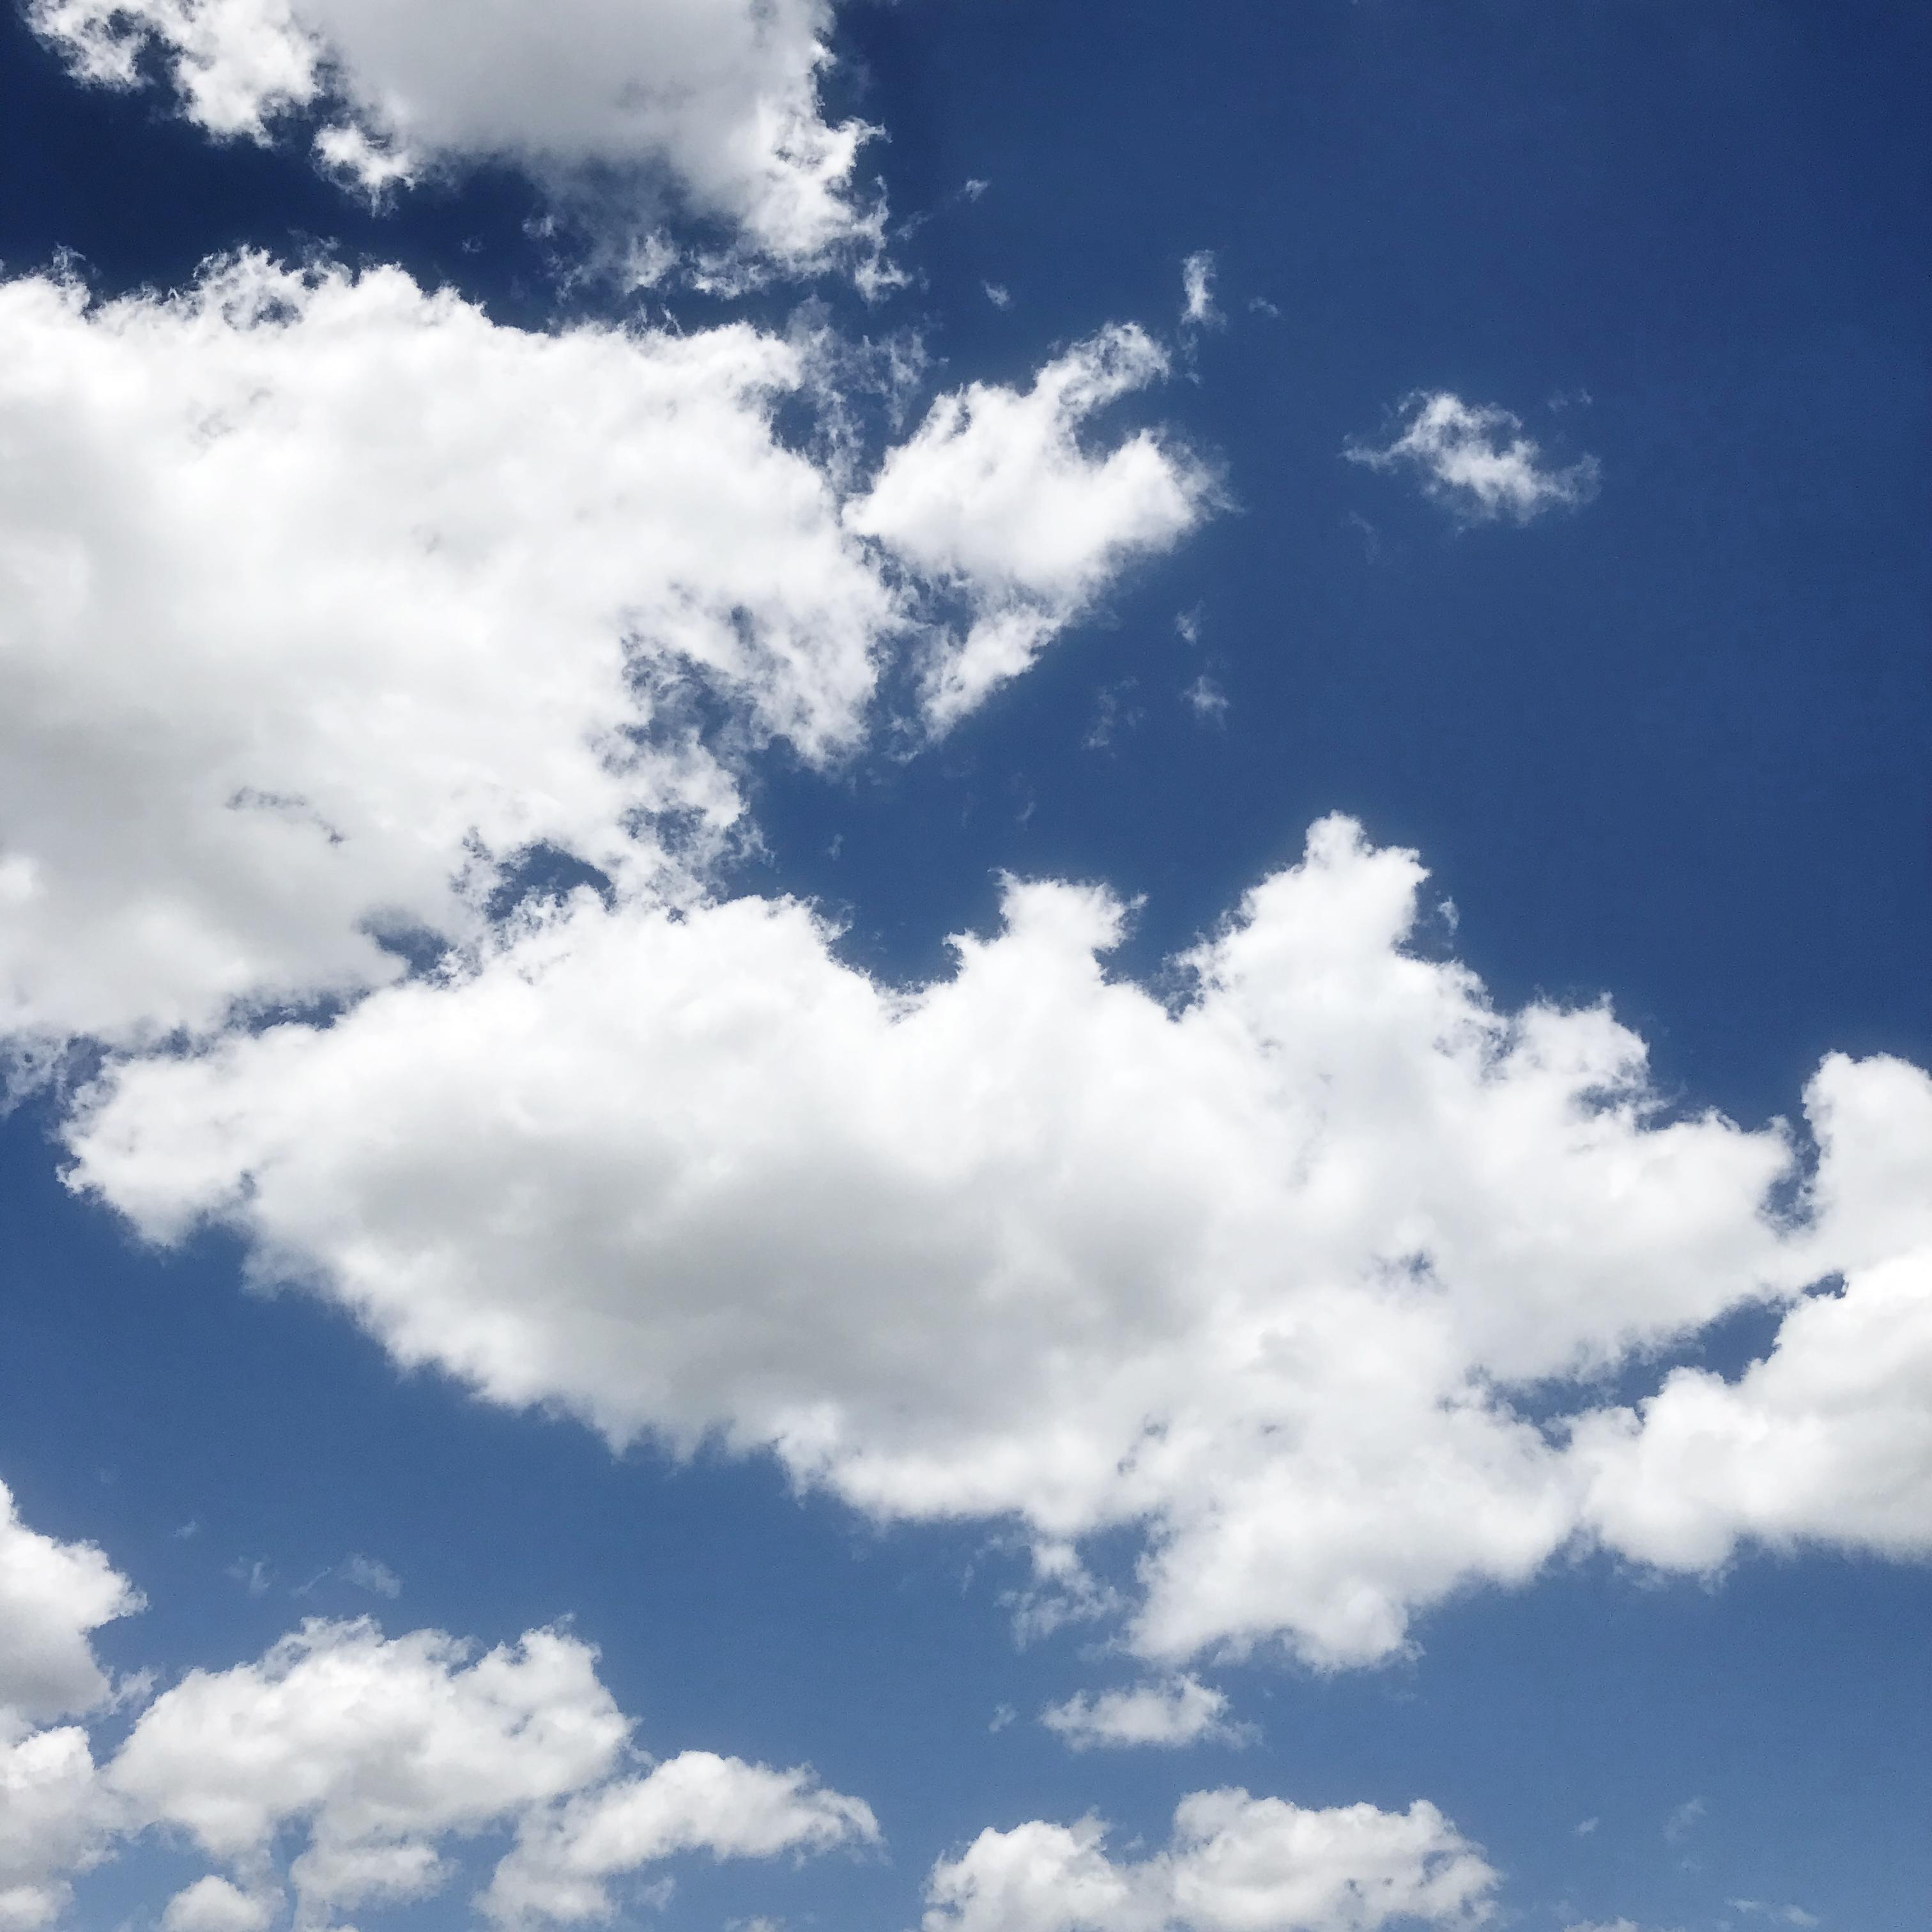 Clouds Squared 2